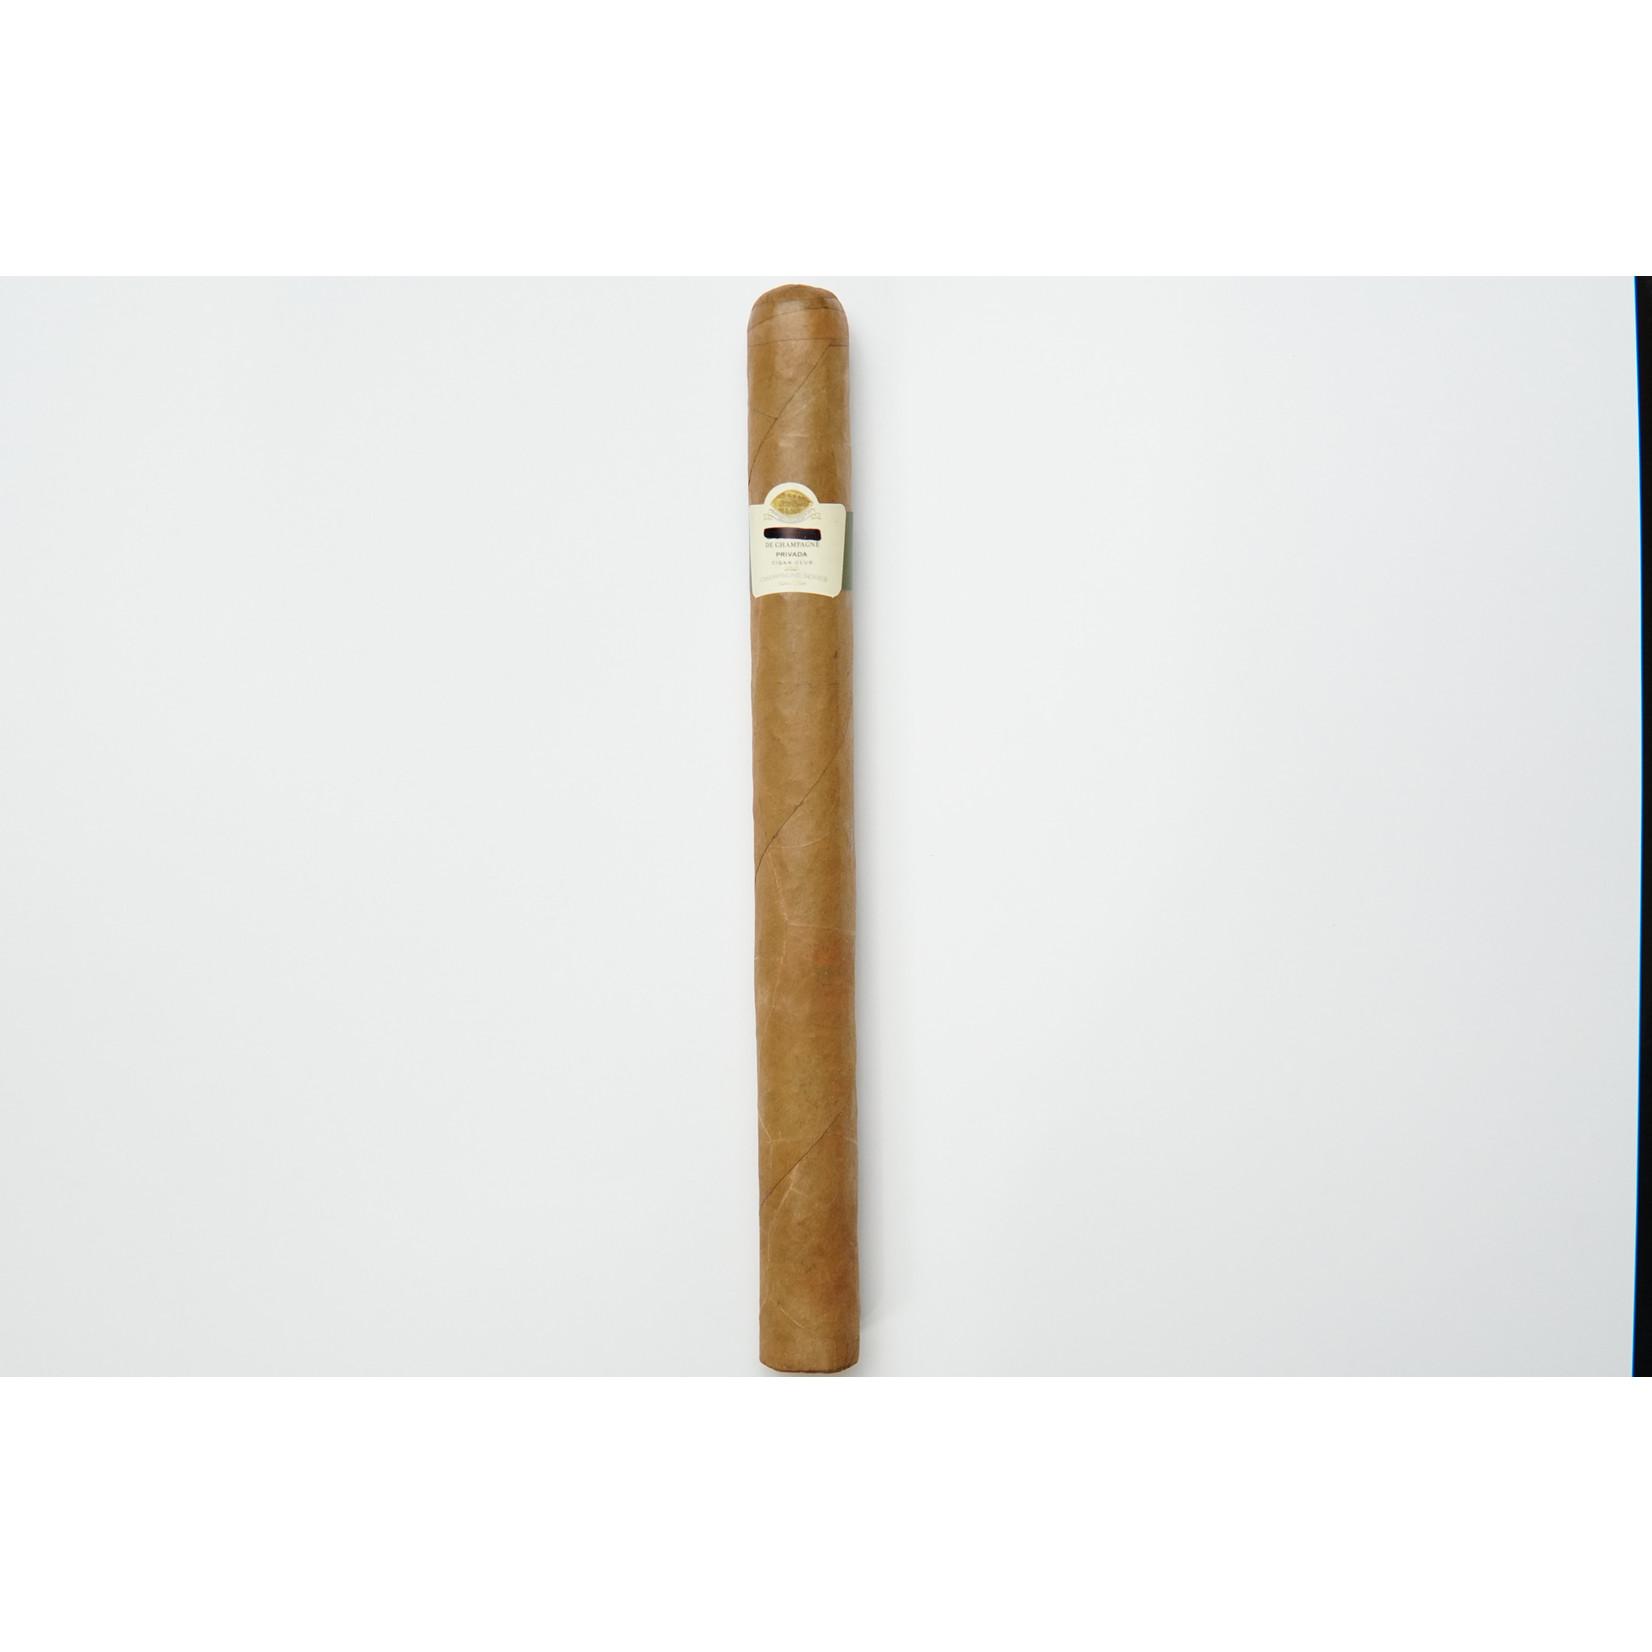 Privada Cigar Club Privada Champagne Series No.1